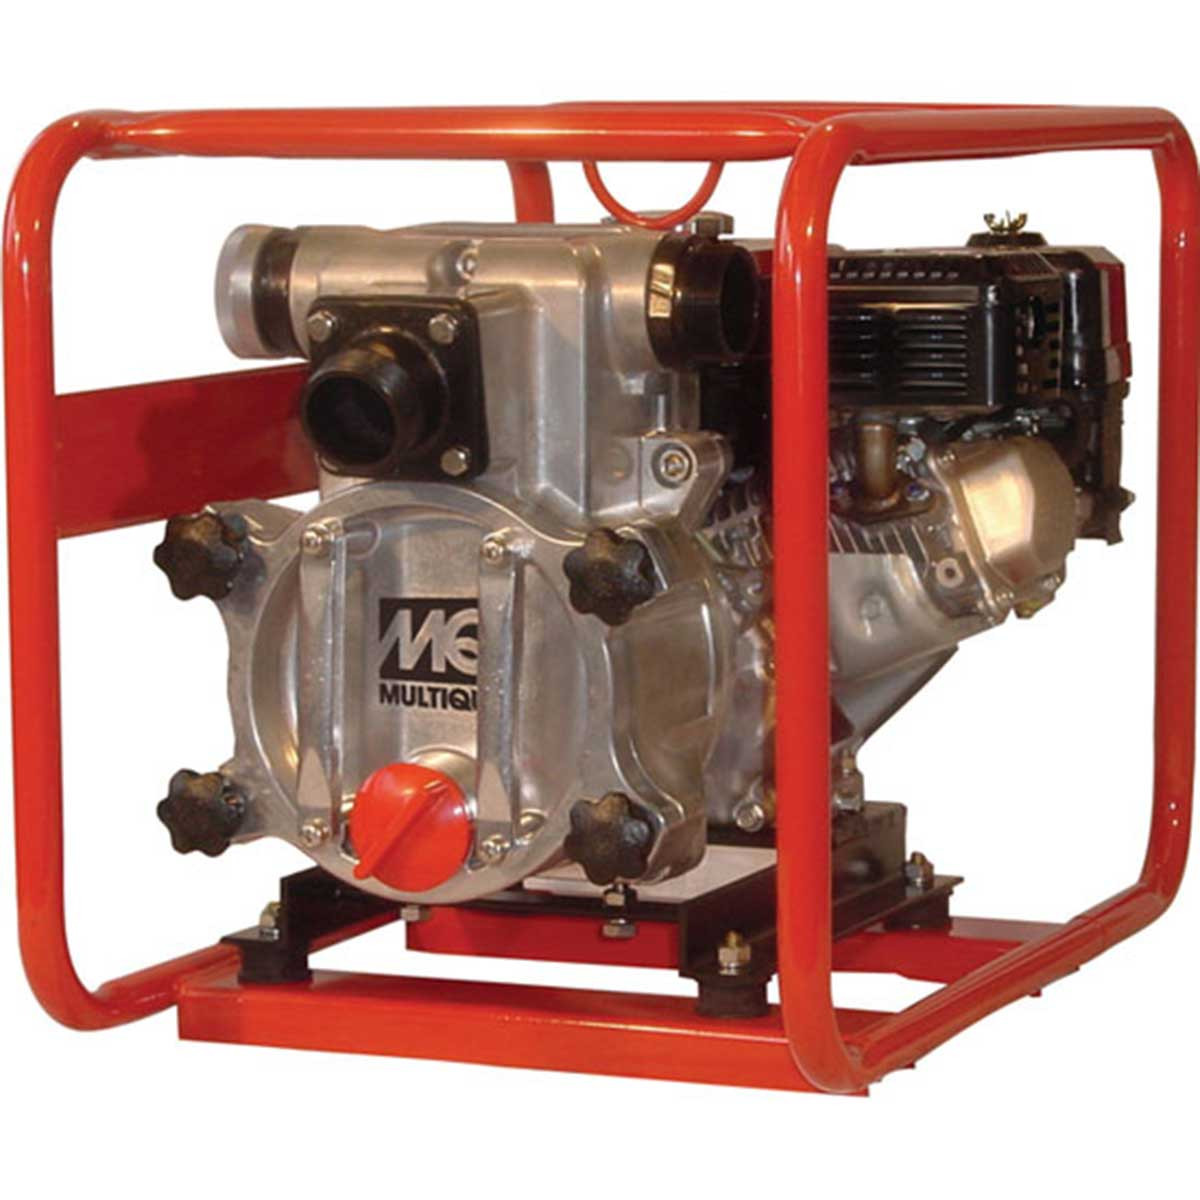 Multiquip QP3TH Trash Pump gas